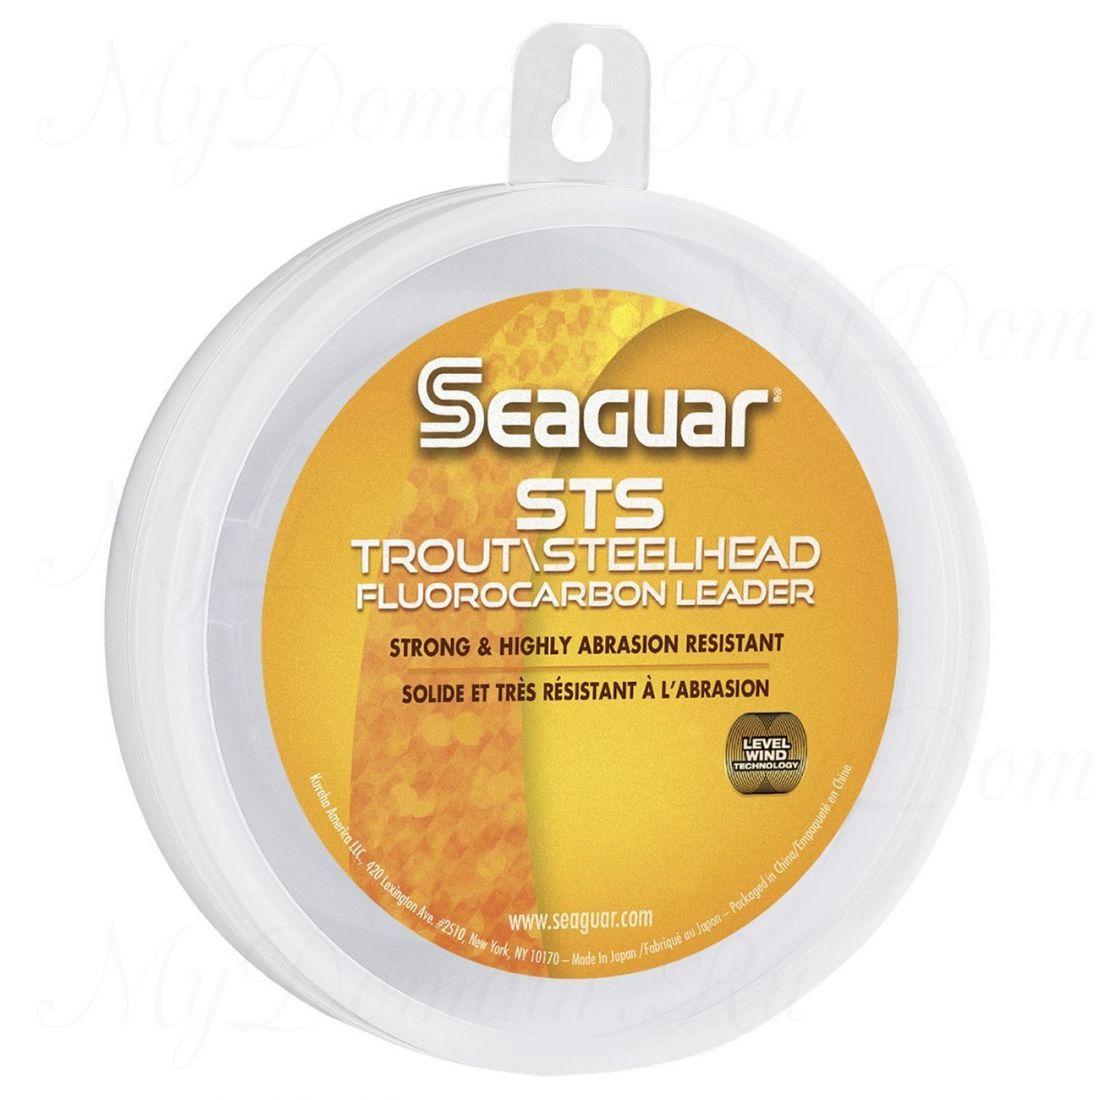 Поводковый материал из флюорокарбона Seaguar STS Salmon & Trout/Steelhead 0,370 мм; 17 lb/7,7 кг; 100 ярдов/91 м.